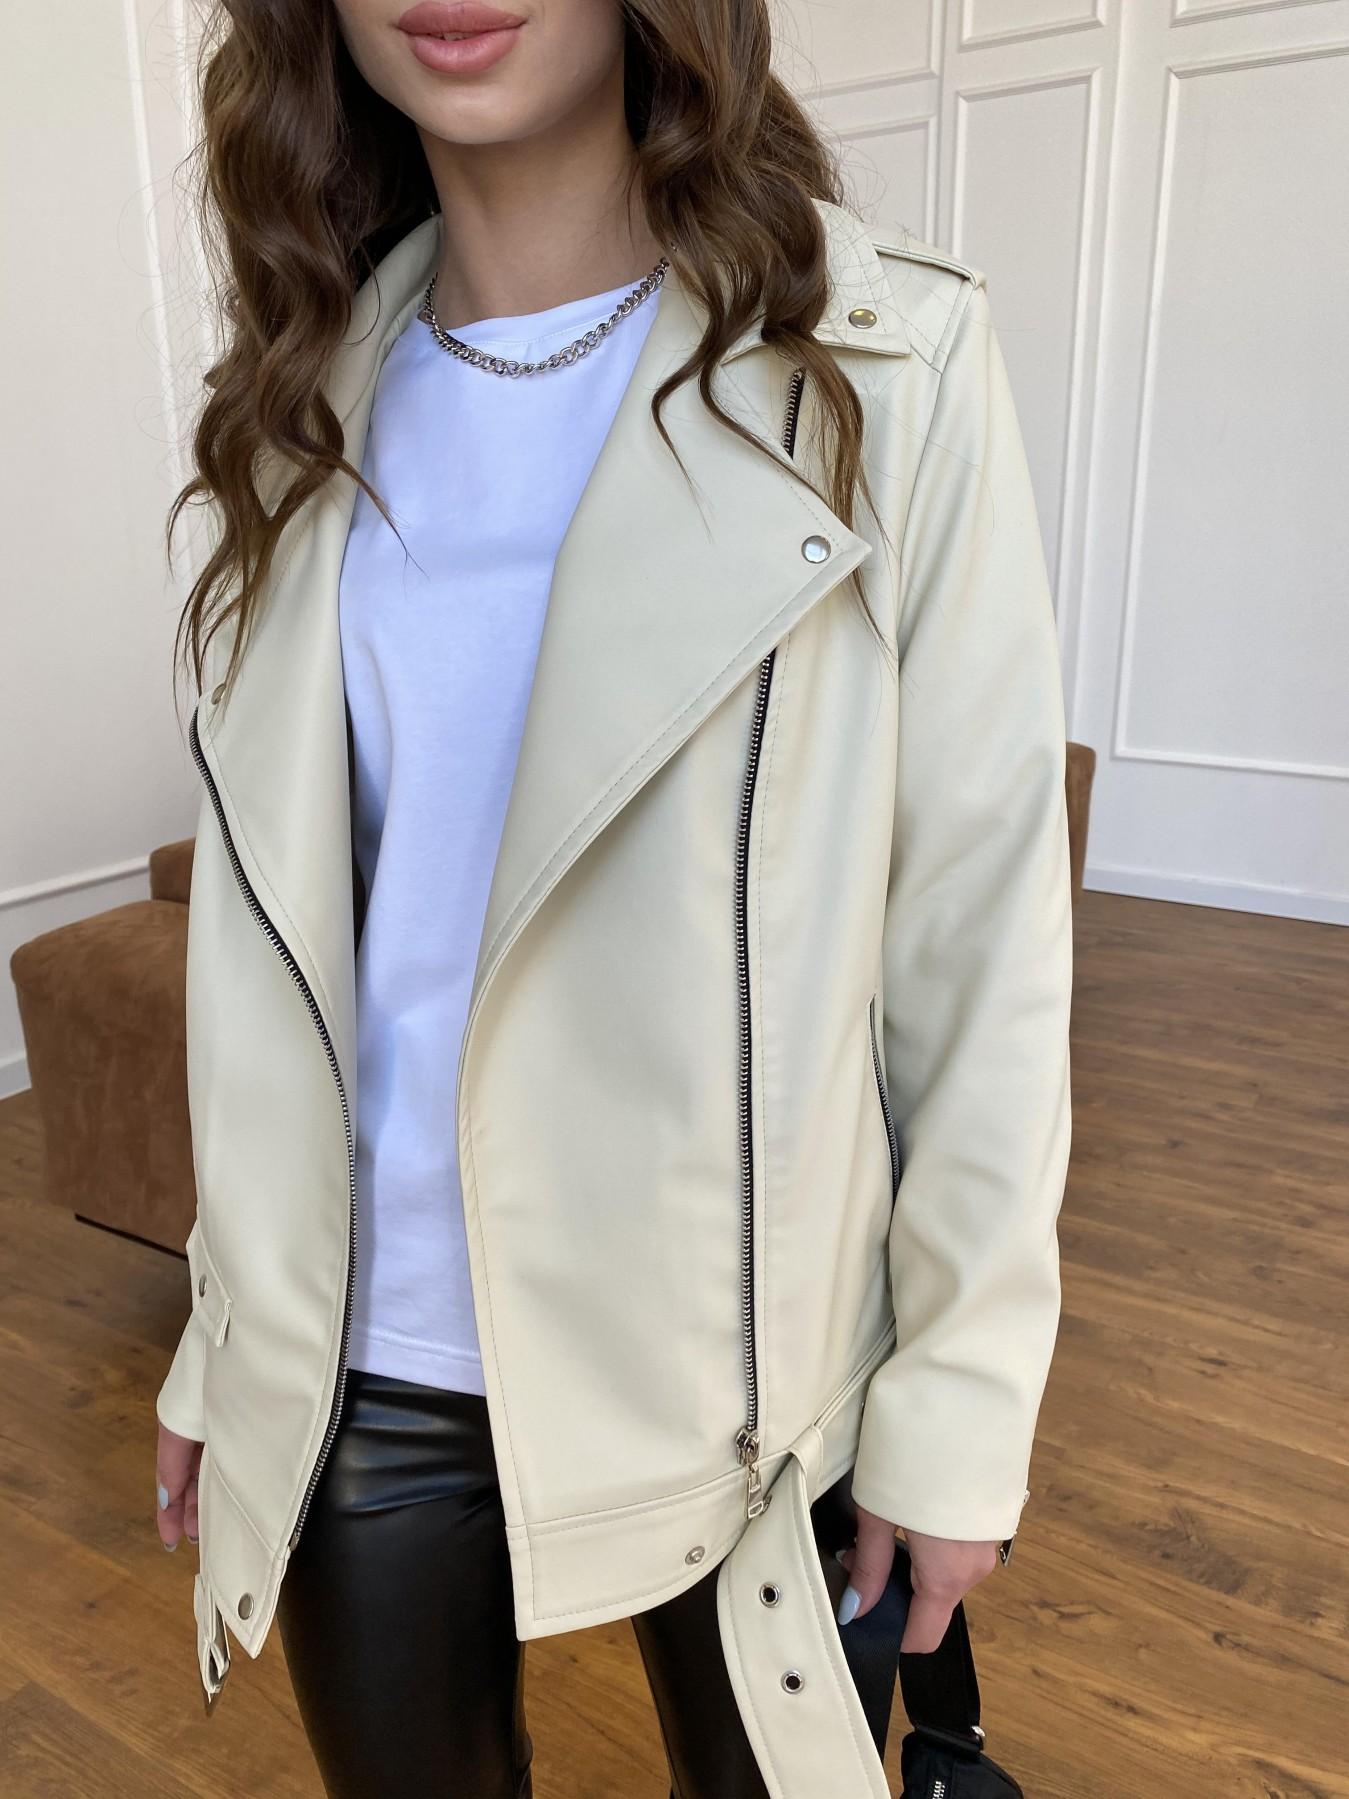 Босс куртка из экокожи прокатанной  11173 АРТ. 47771 Цвет: Бежевый Светлый - фото 1, интернет магазин tm-modus.ru